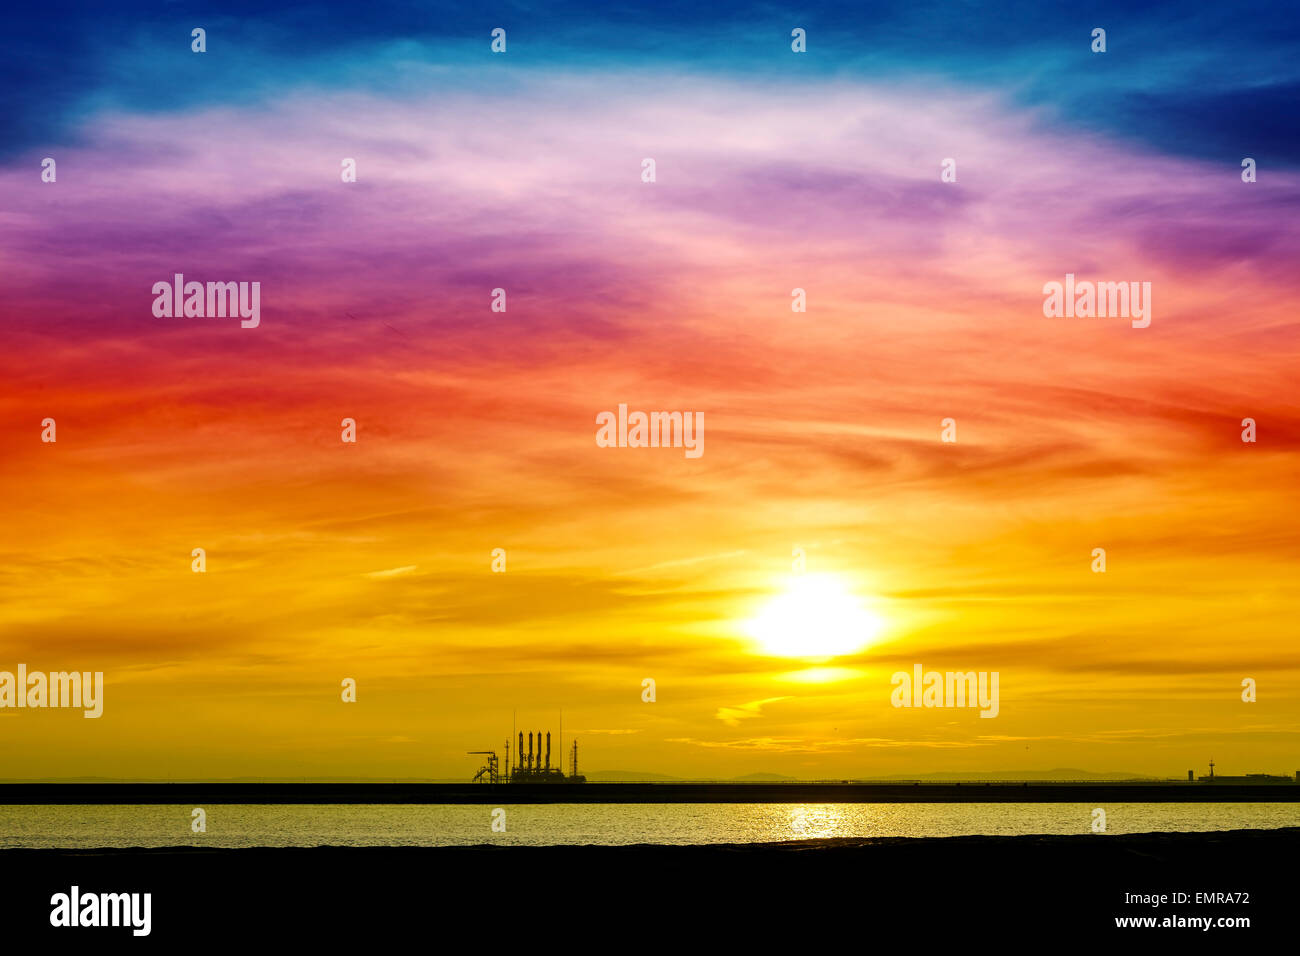 Lever du soleil sur l'infrastructure industrielle colorés dans le port de Swinoujscie, Pologne. Banque D'Images